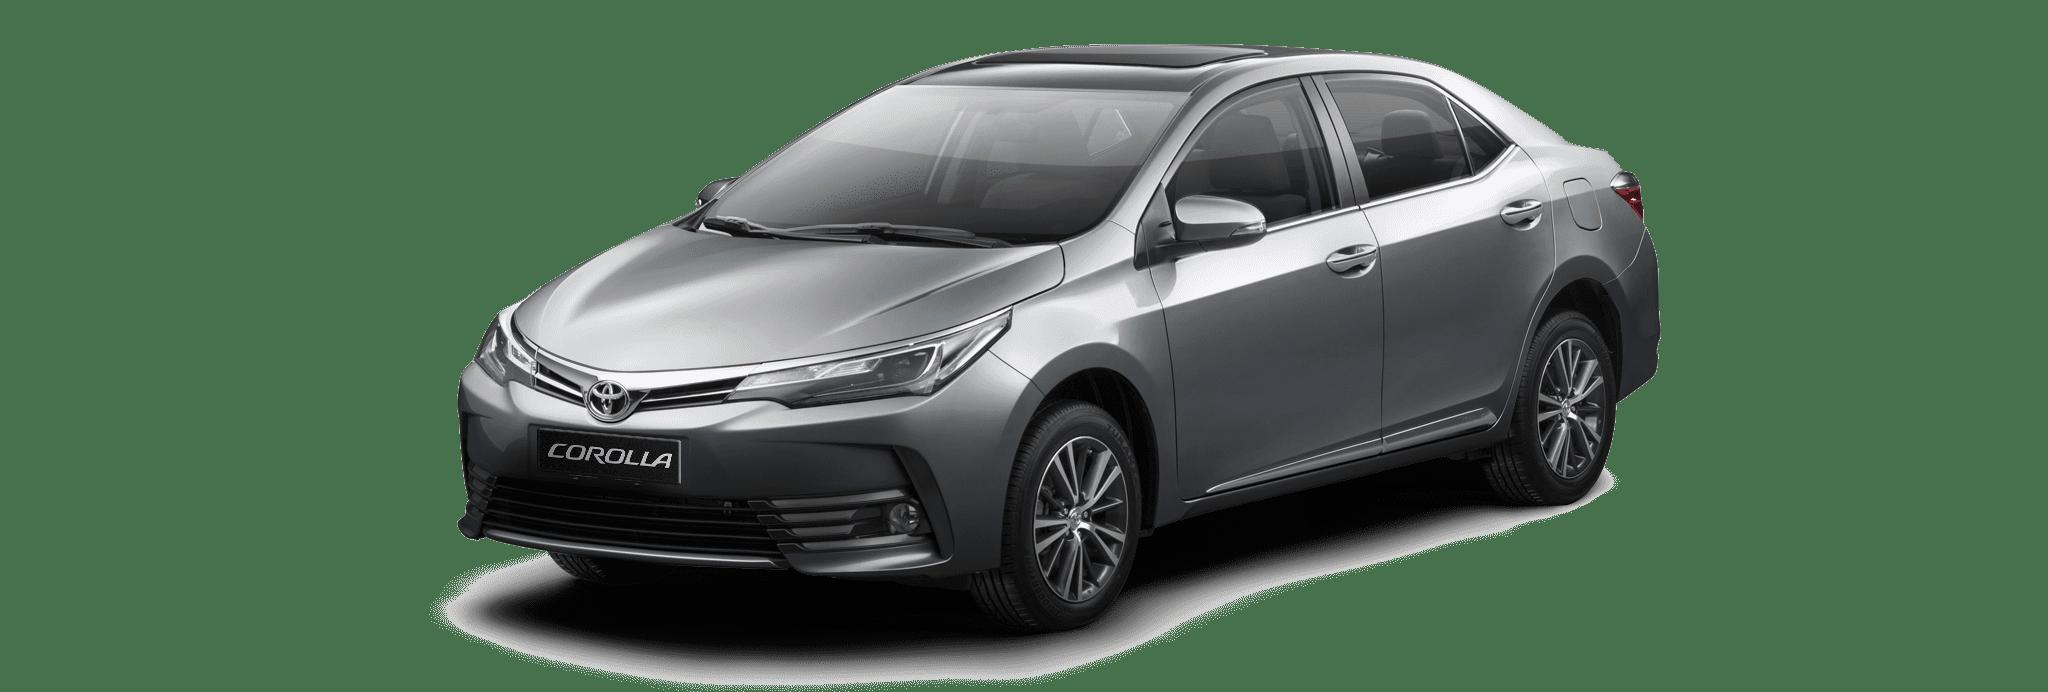 تويوتا كورولا 2.0L GLI CVT الجديدة 2019